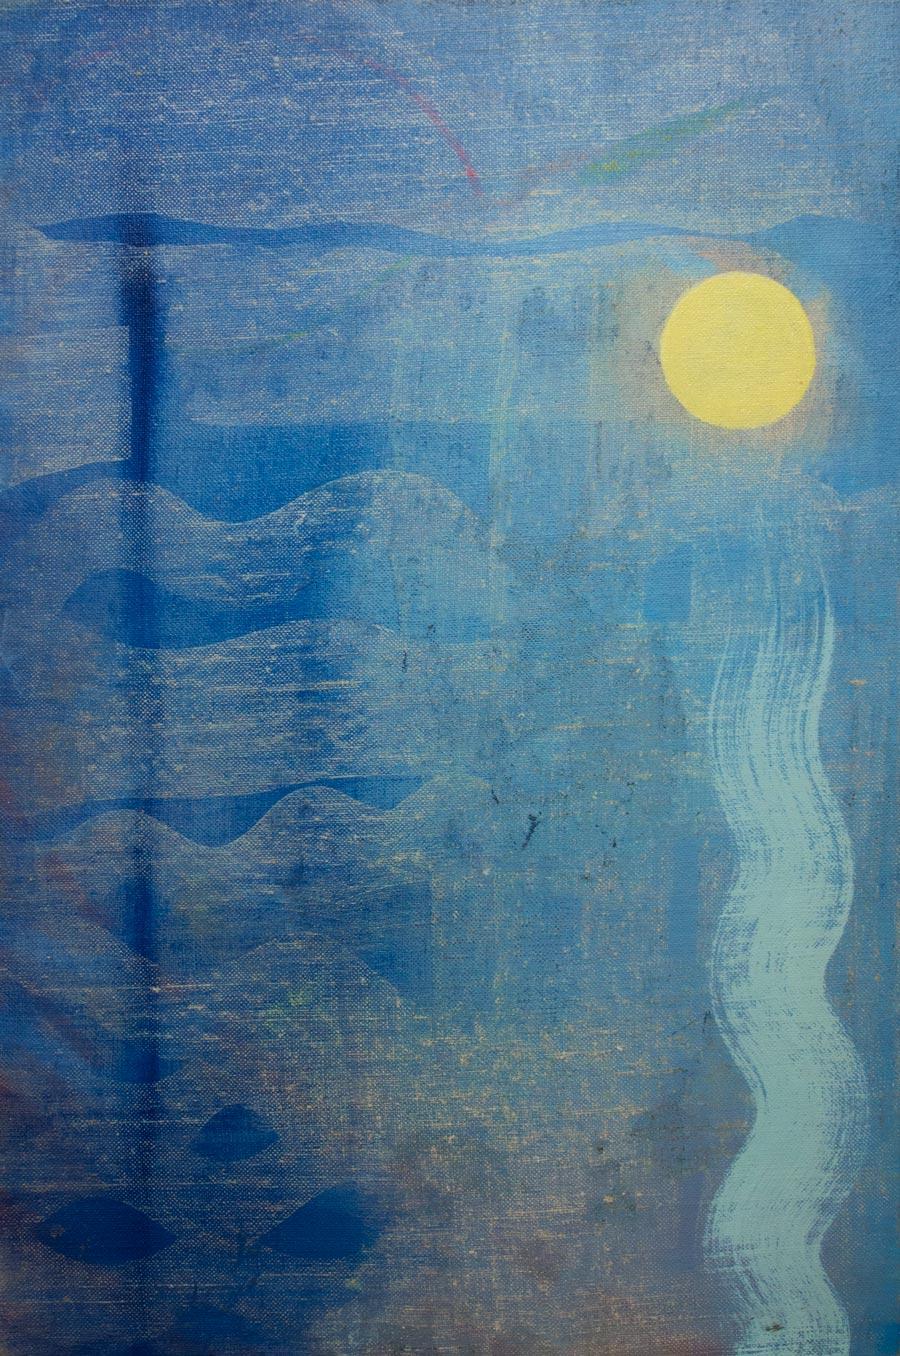 Paul HardyLipper, 201416 x 24 in. unframed. Oil on linen.